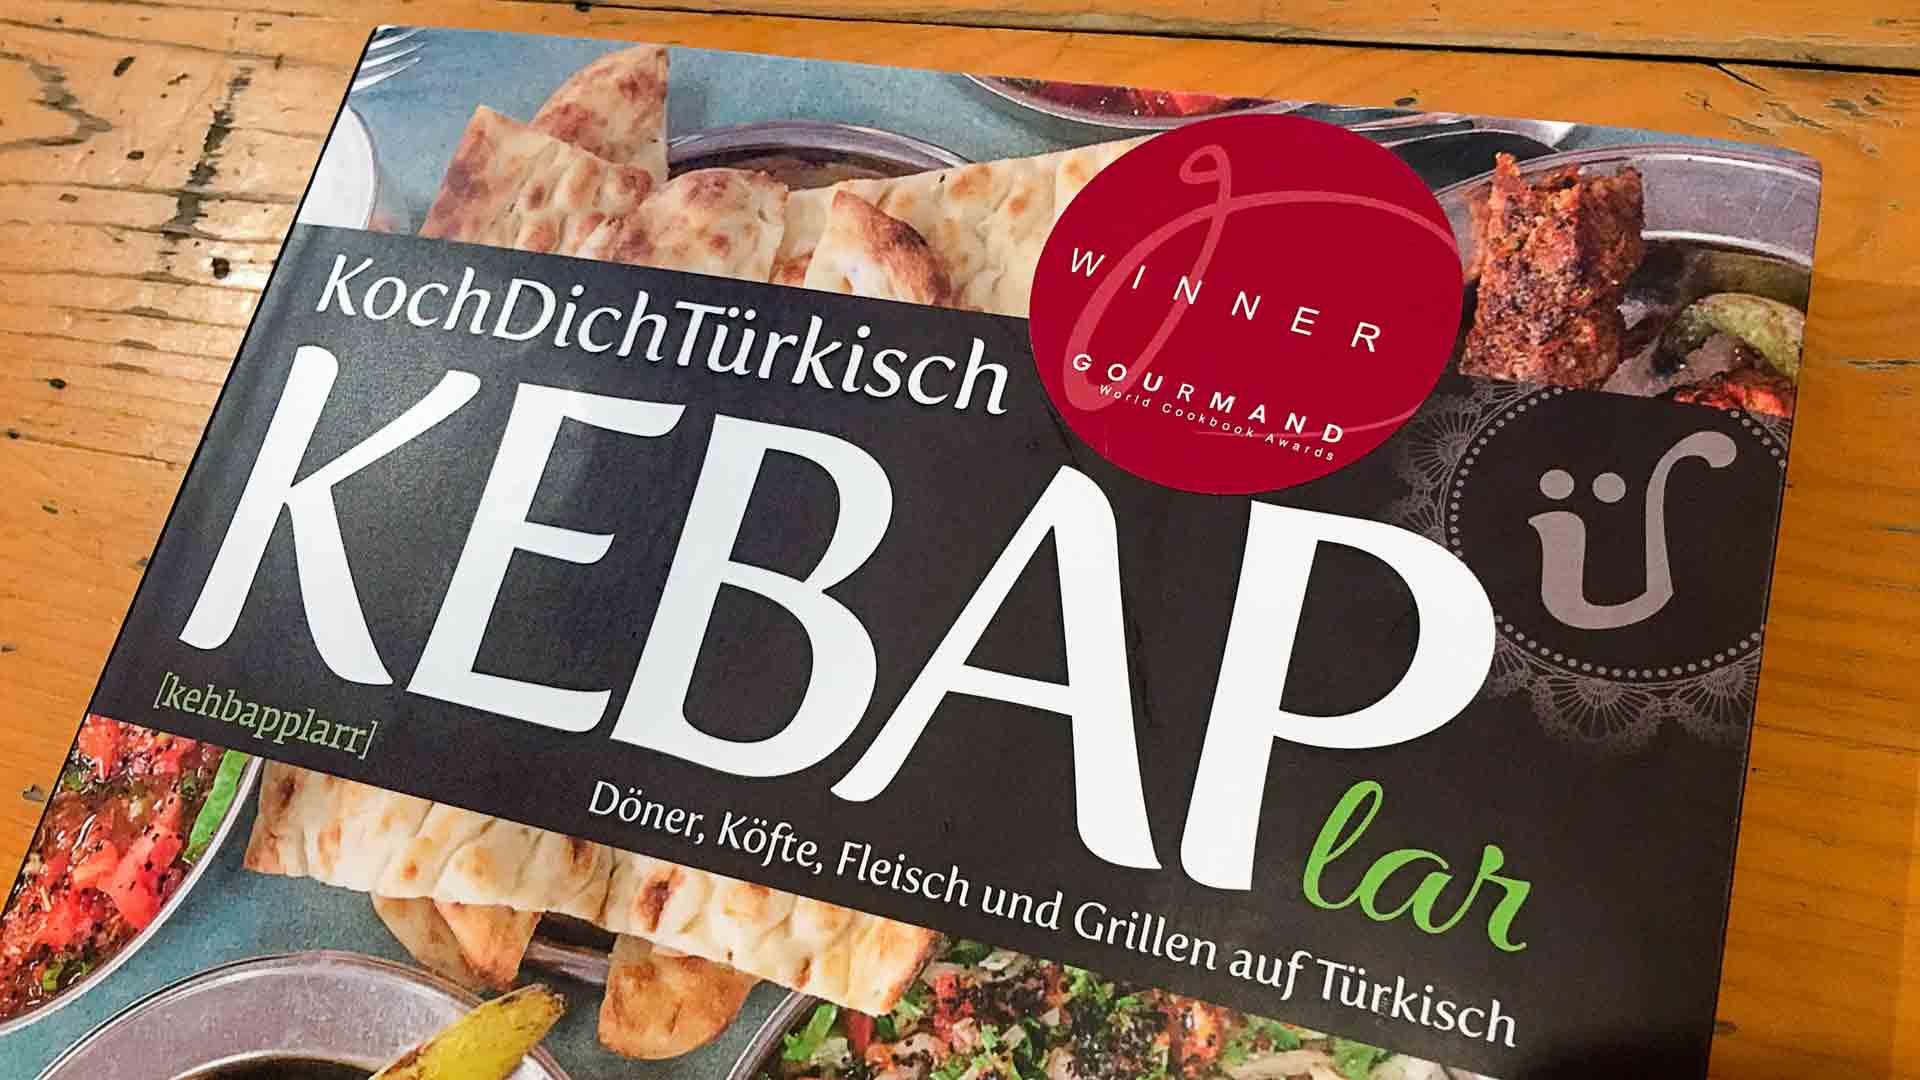 KEBAPlar ~ das beste Fleisch-Kochbuch Deutschlands laut Gourmand World Cookbook Award